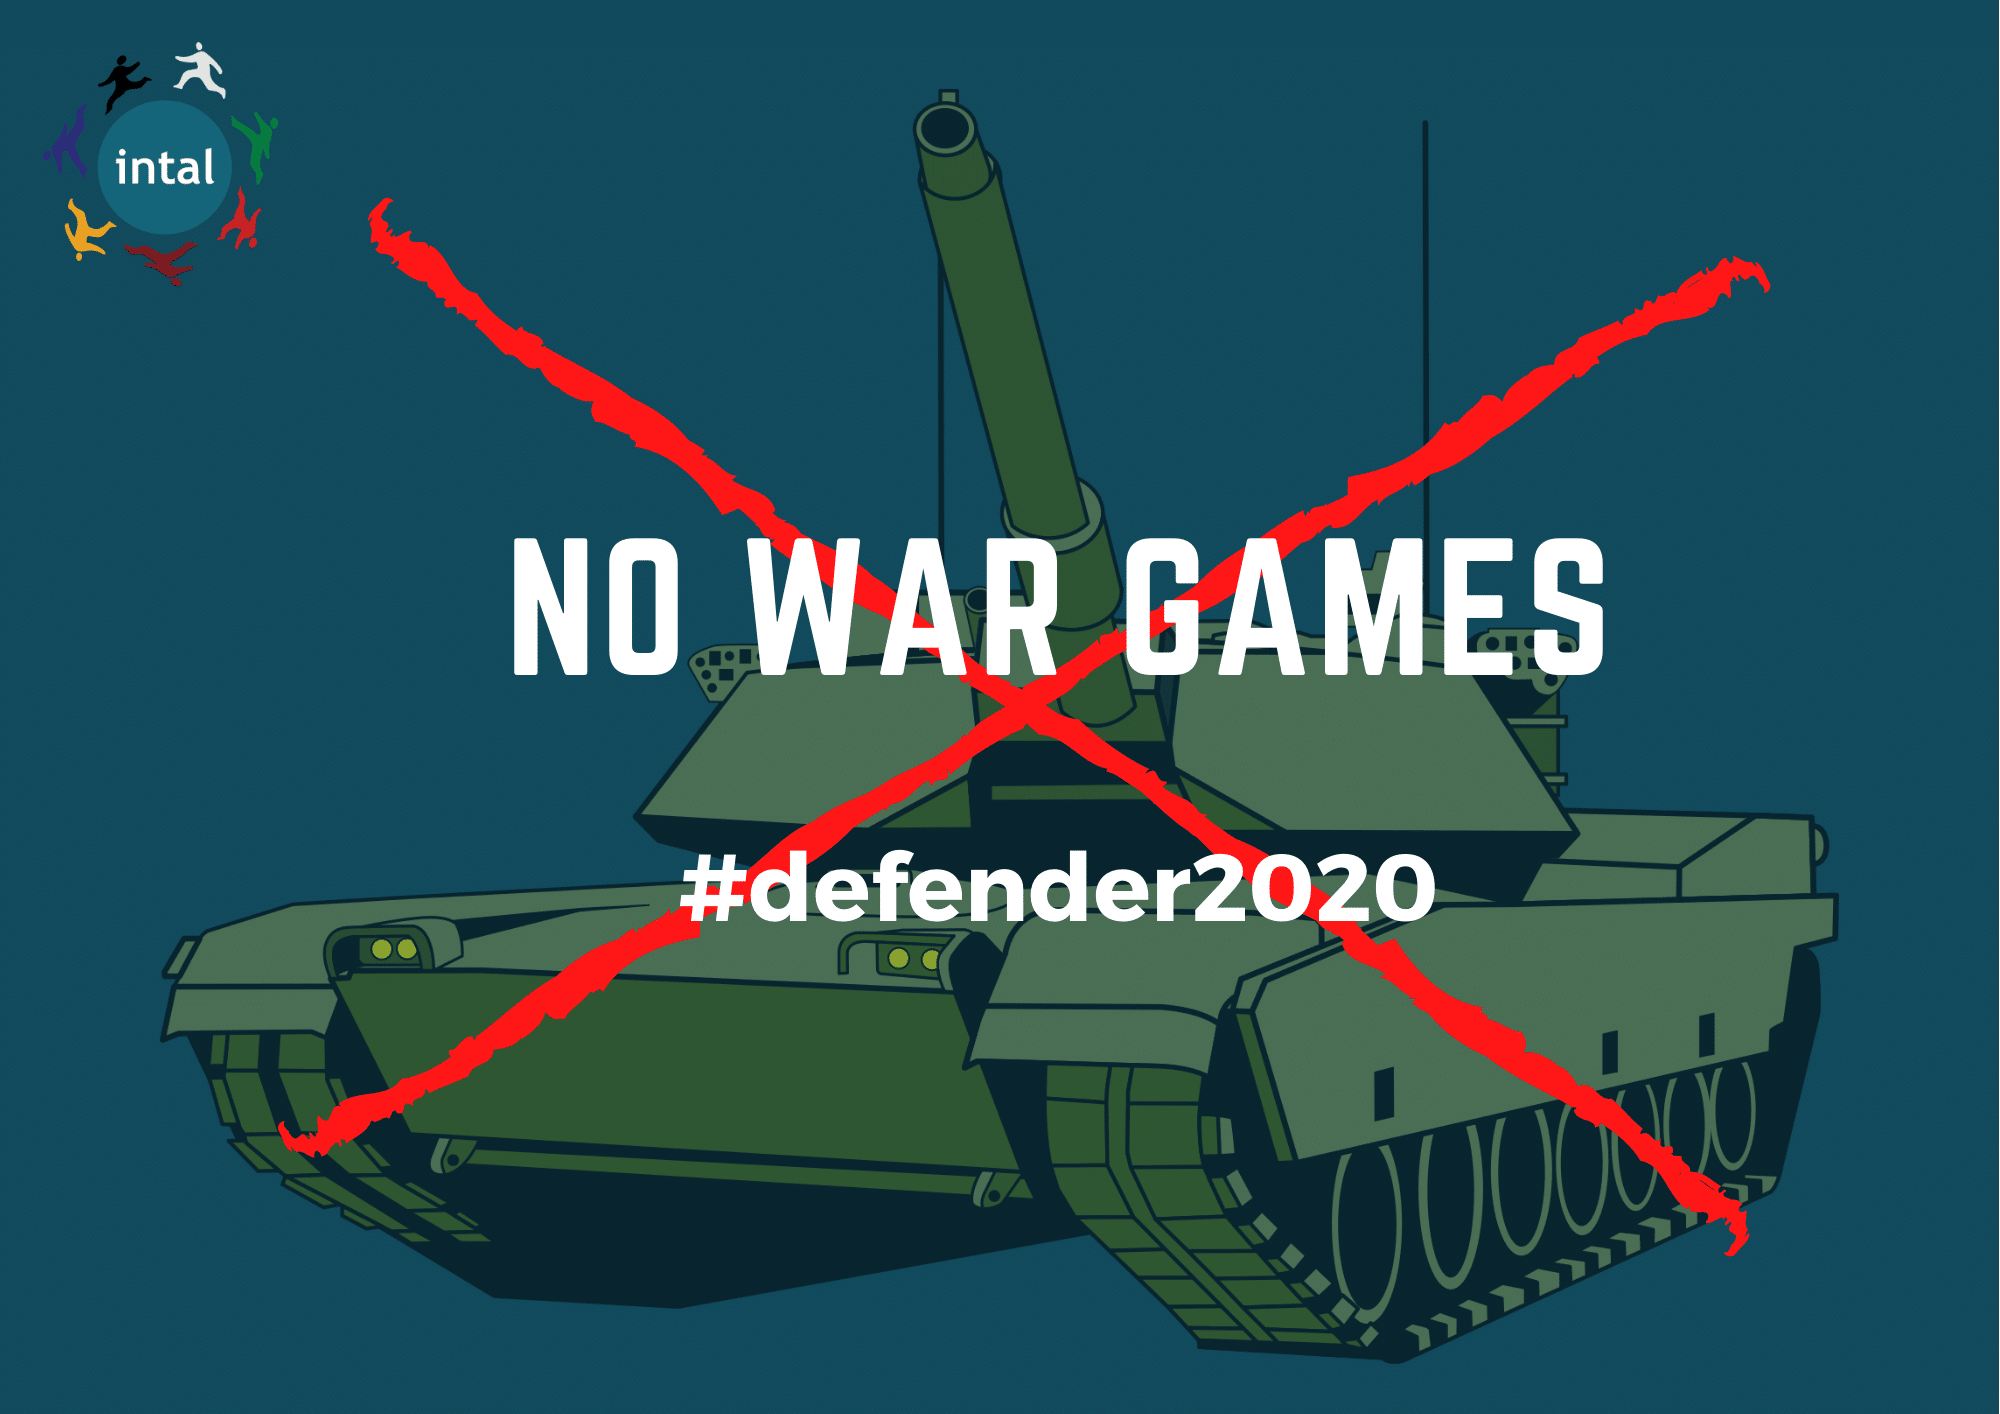 Defender2020